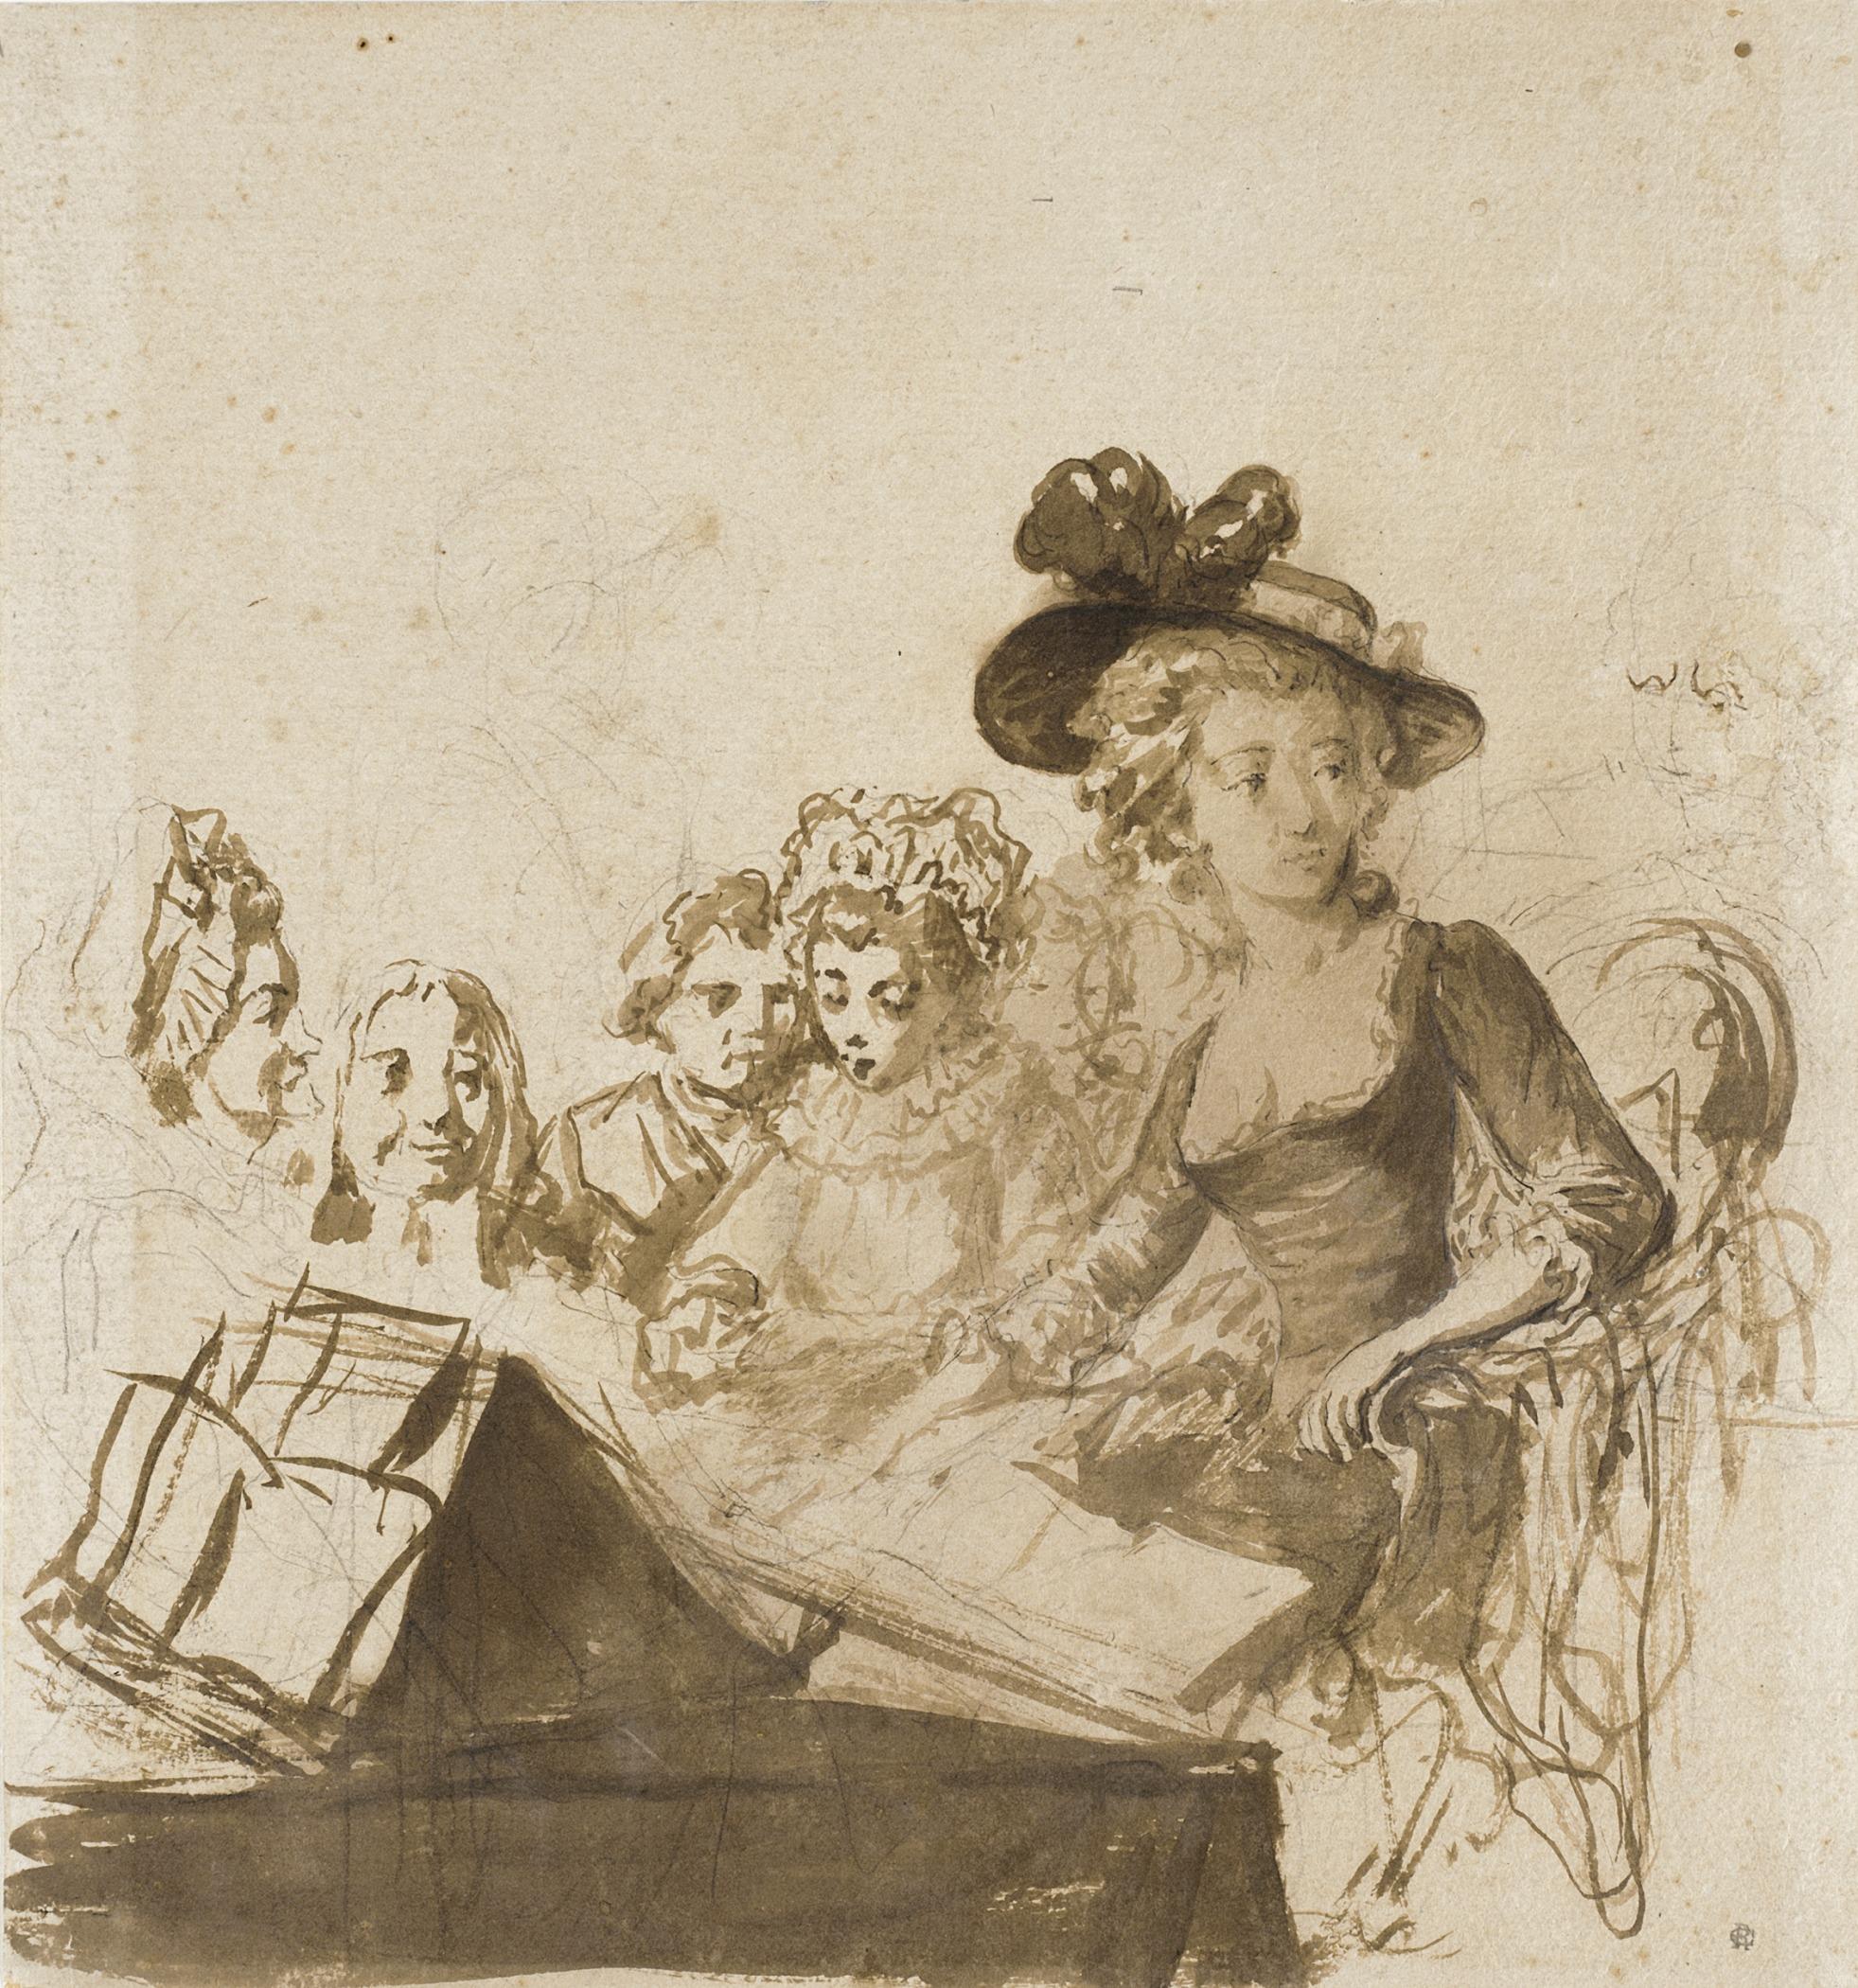 Soirée Intime, By Philibert-Louis Debucourt (France, Paris, 1755-1832), via Wikimedia Commons